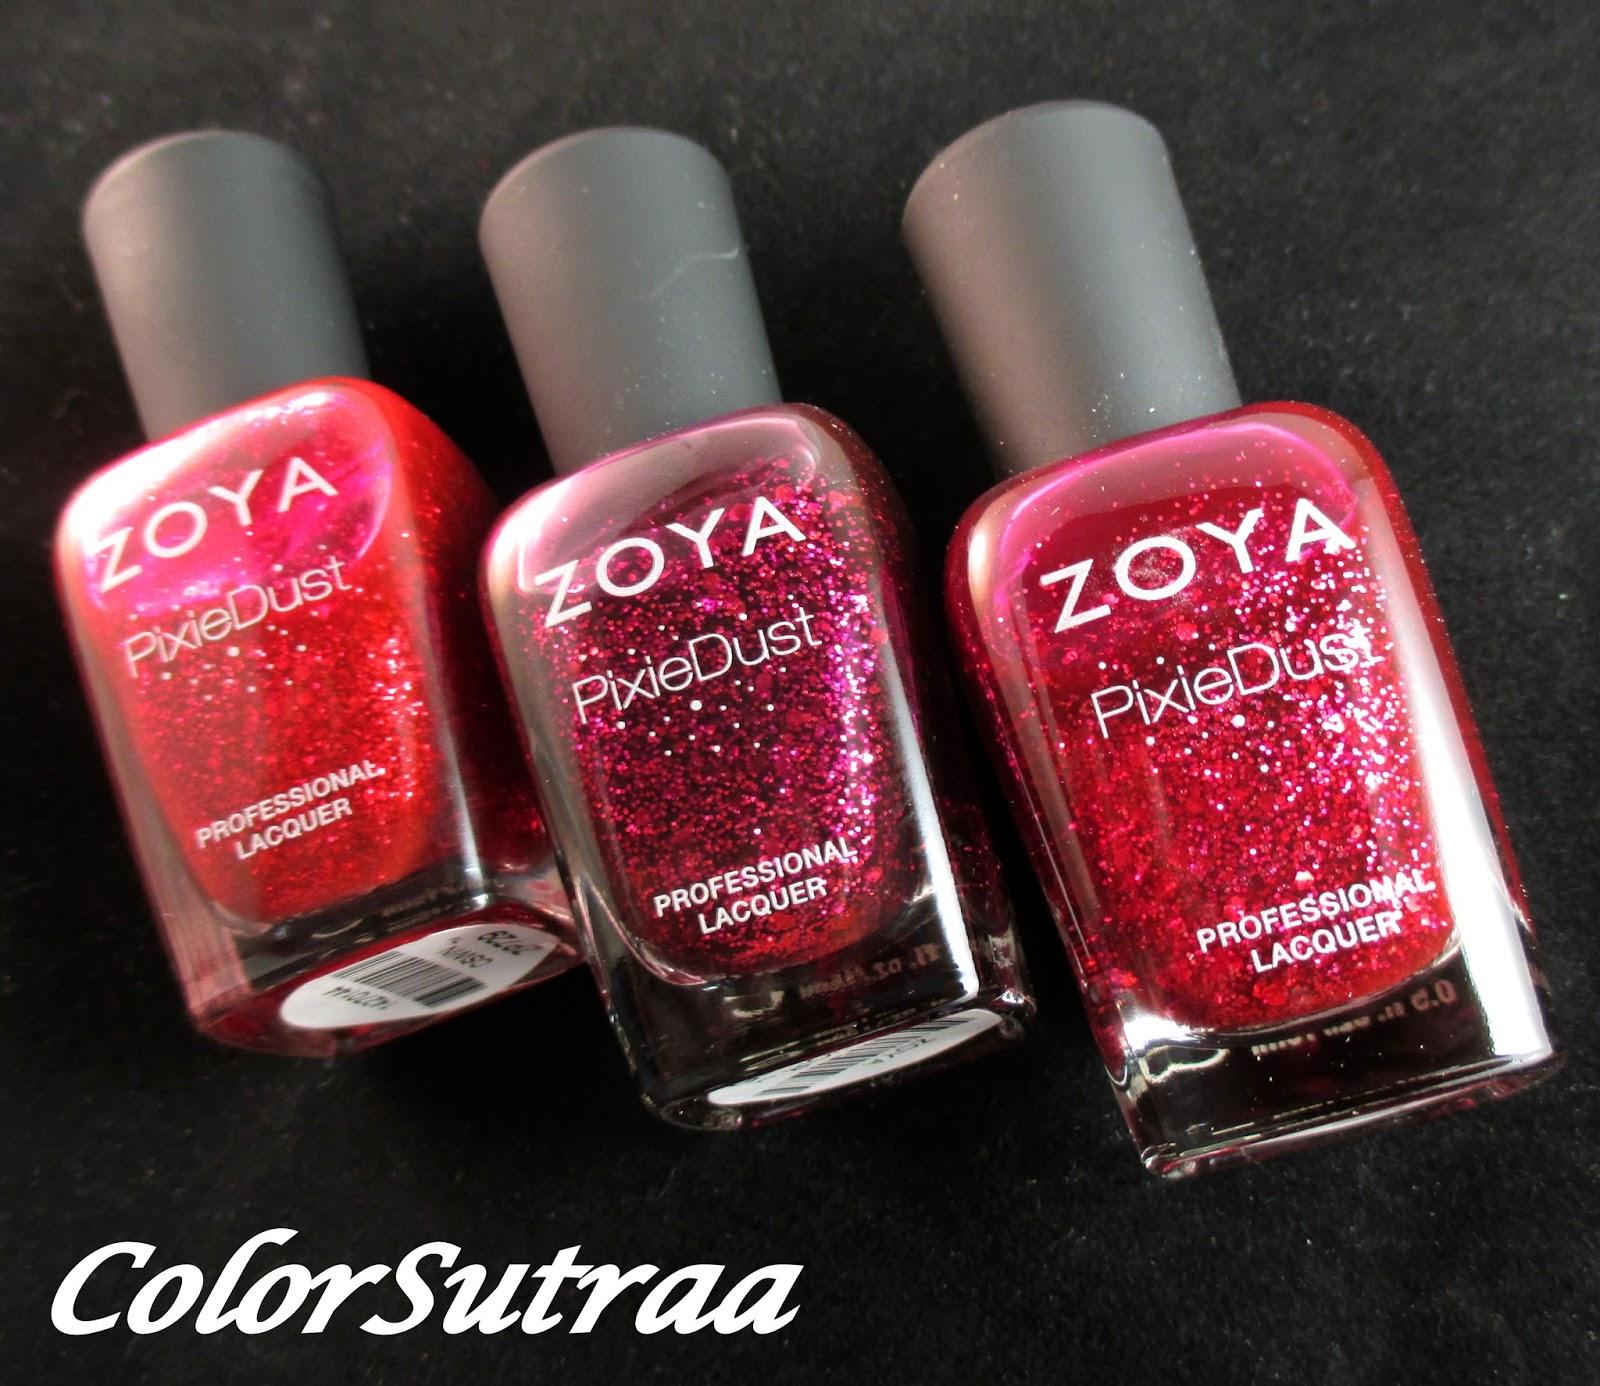 Zoya-Ultra-Pixie-Dusts-Fall-2014